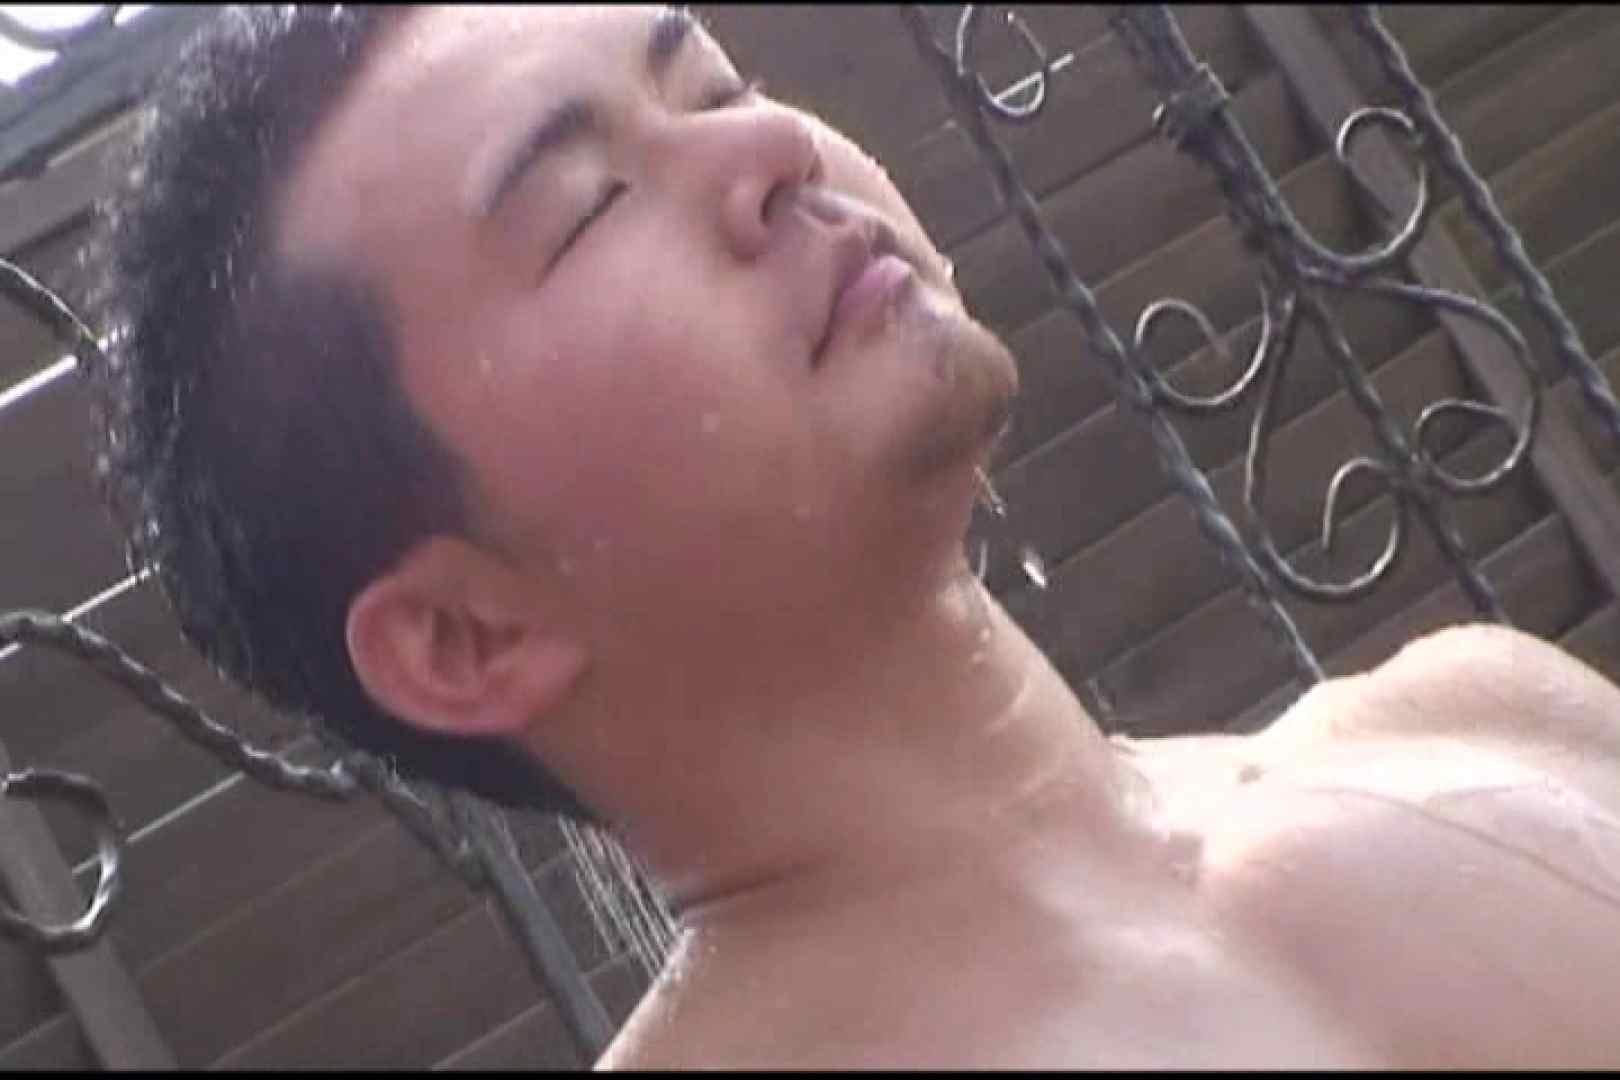 短髪ラガーマン風男子、乳首を舐められ悶絶顔 スポーツ系な男たち ゲイ無修正画像 84連発 6